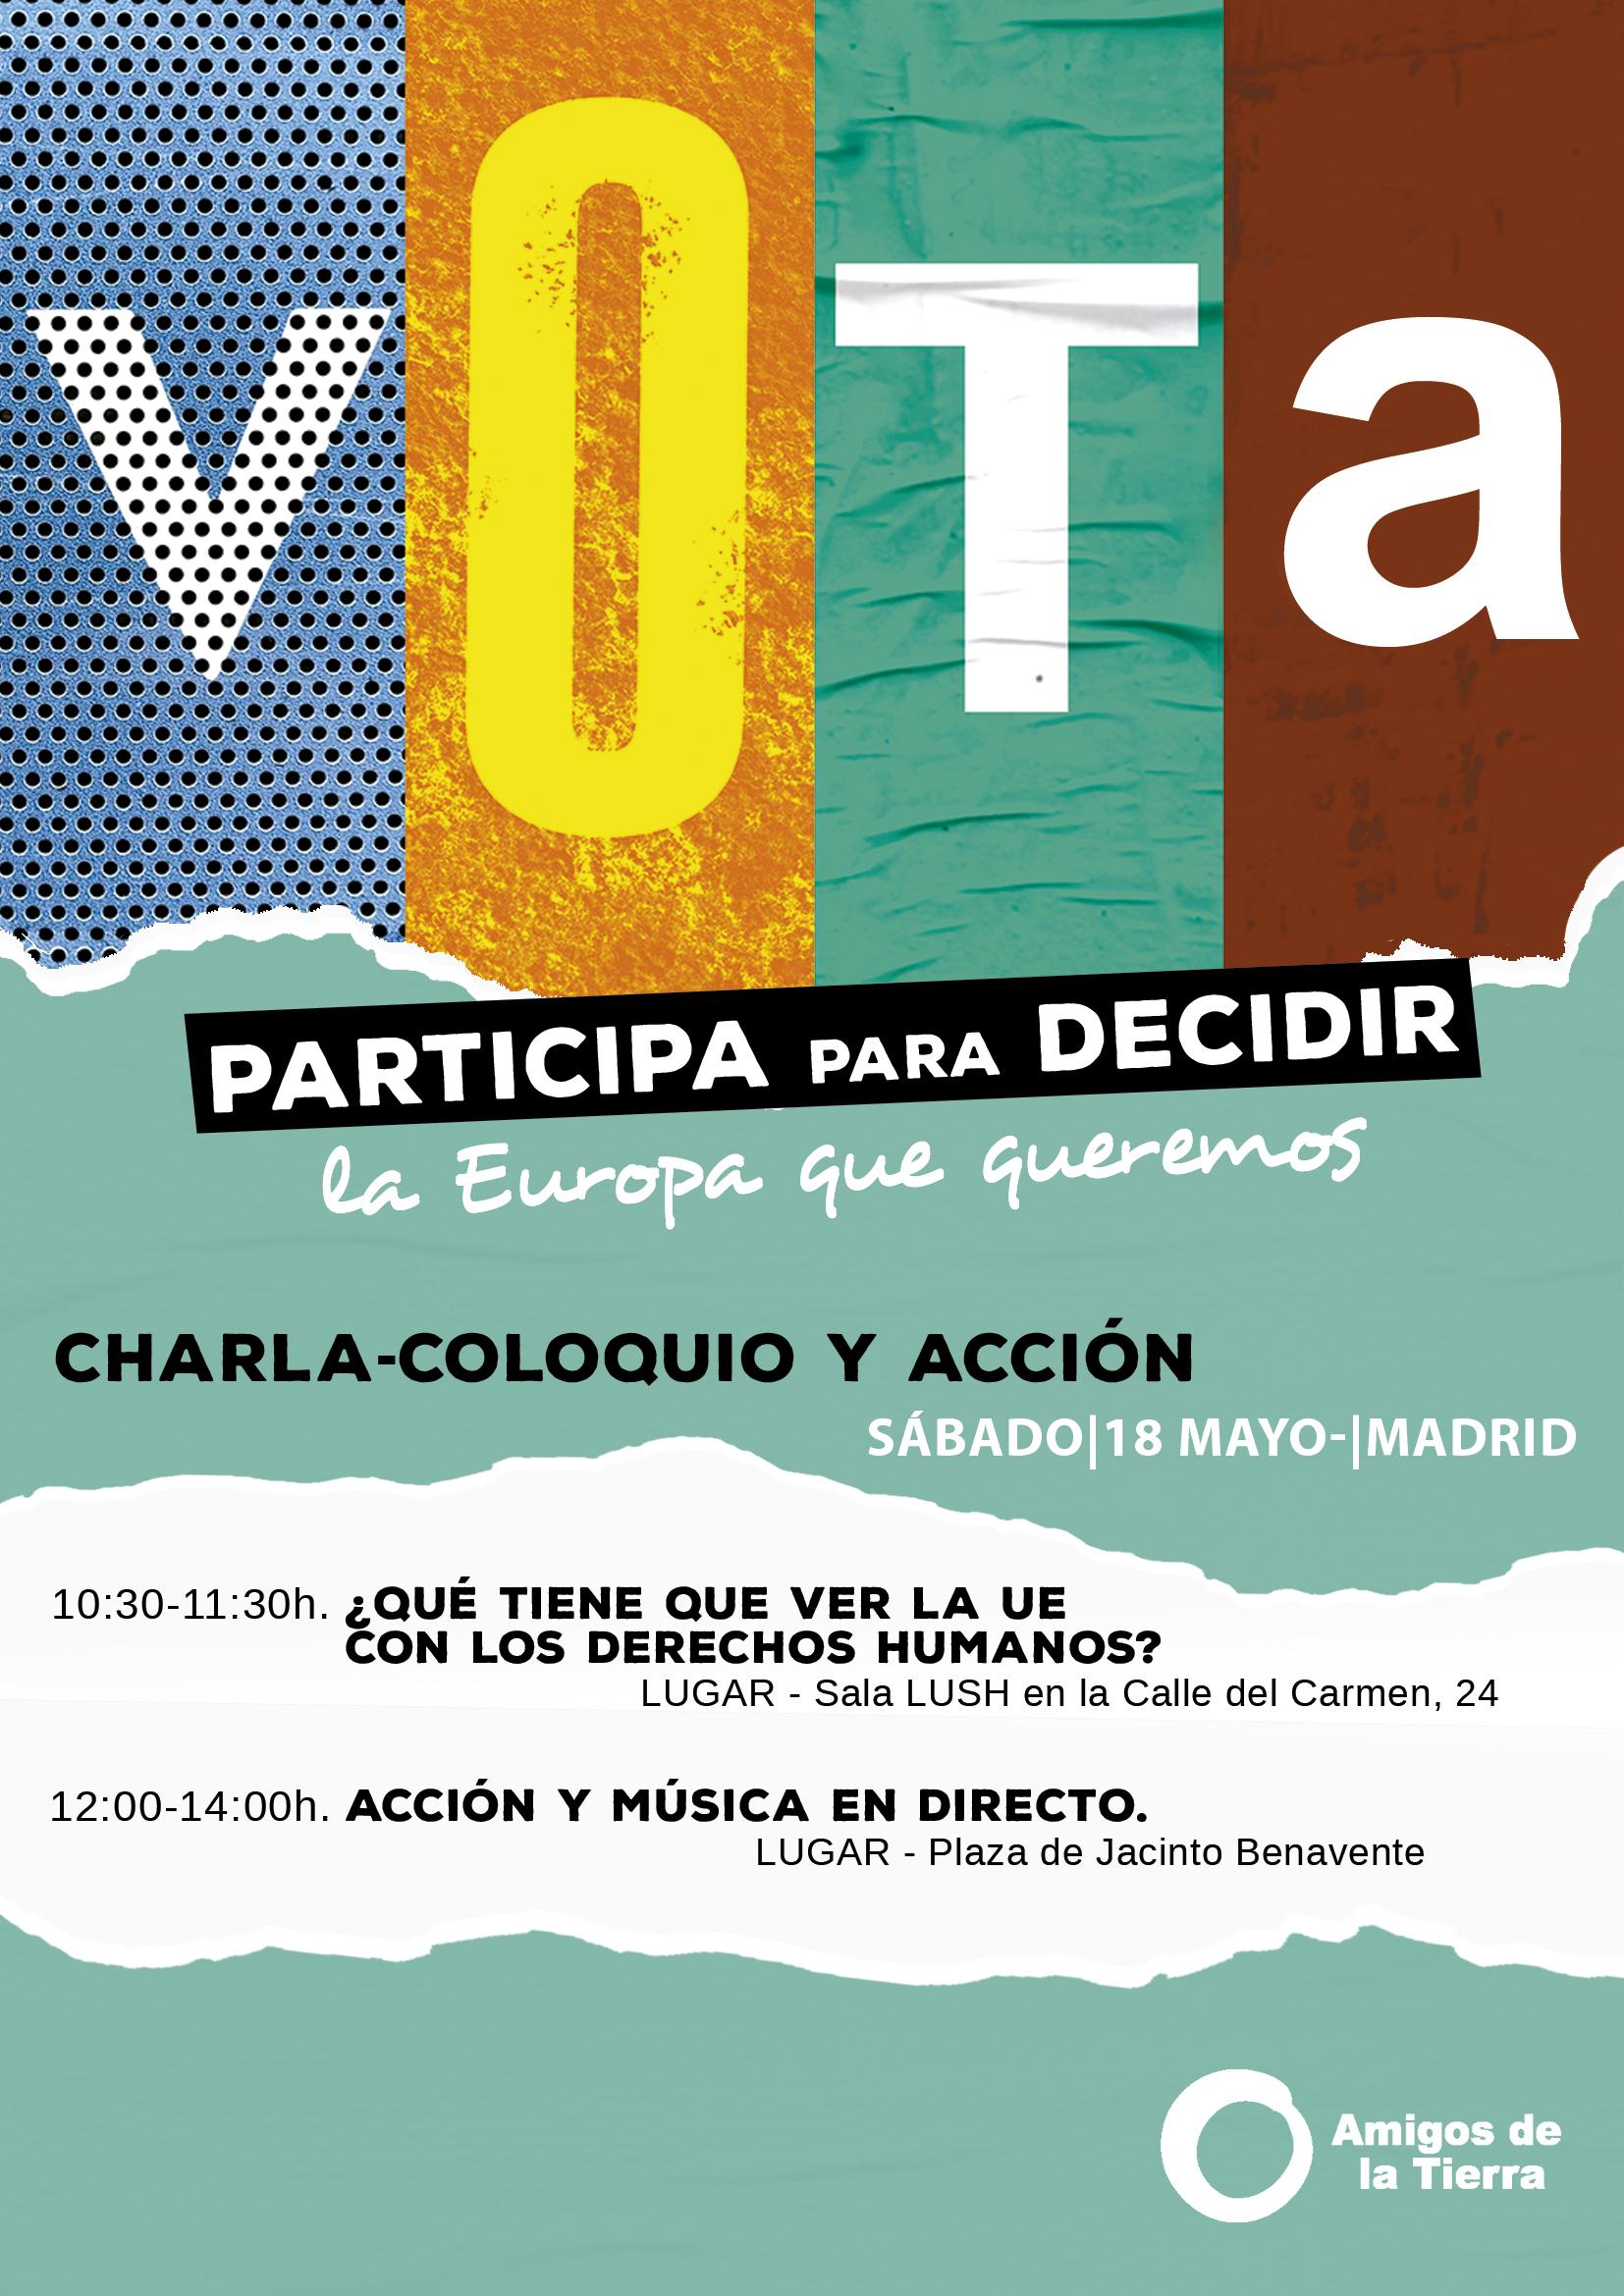 Ir a Madrid: Participa para decidir